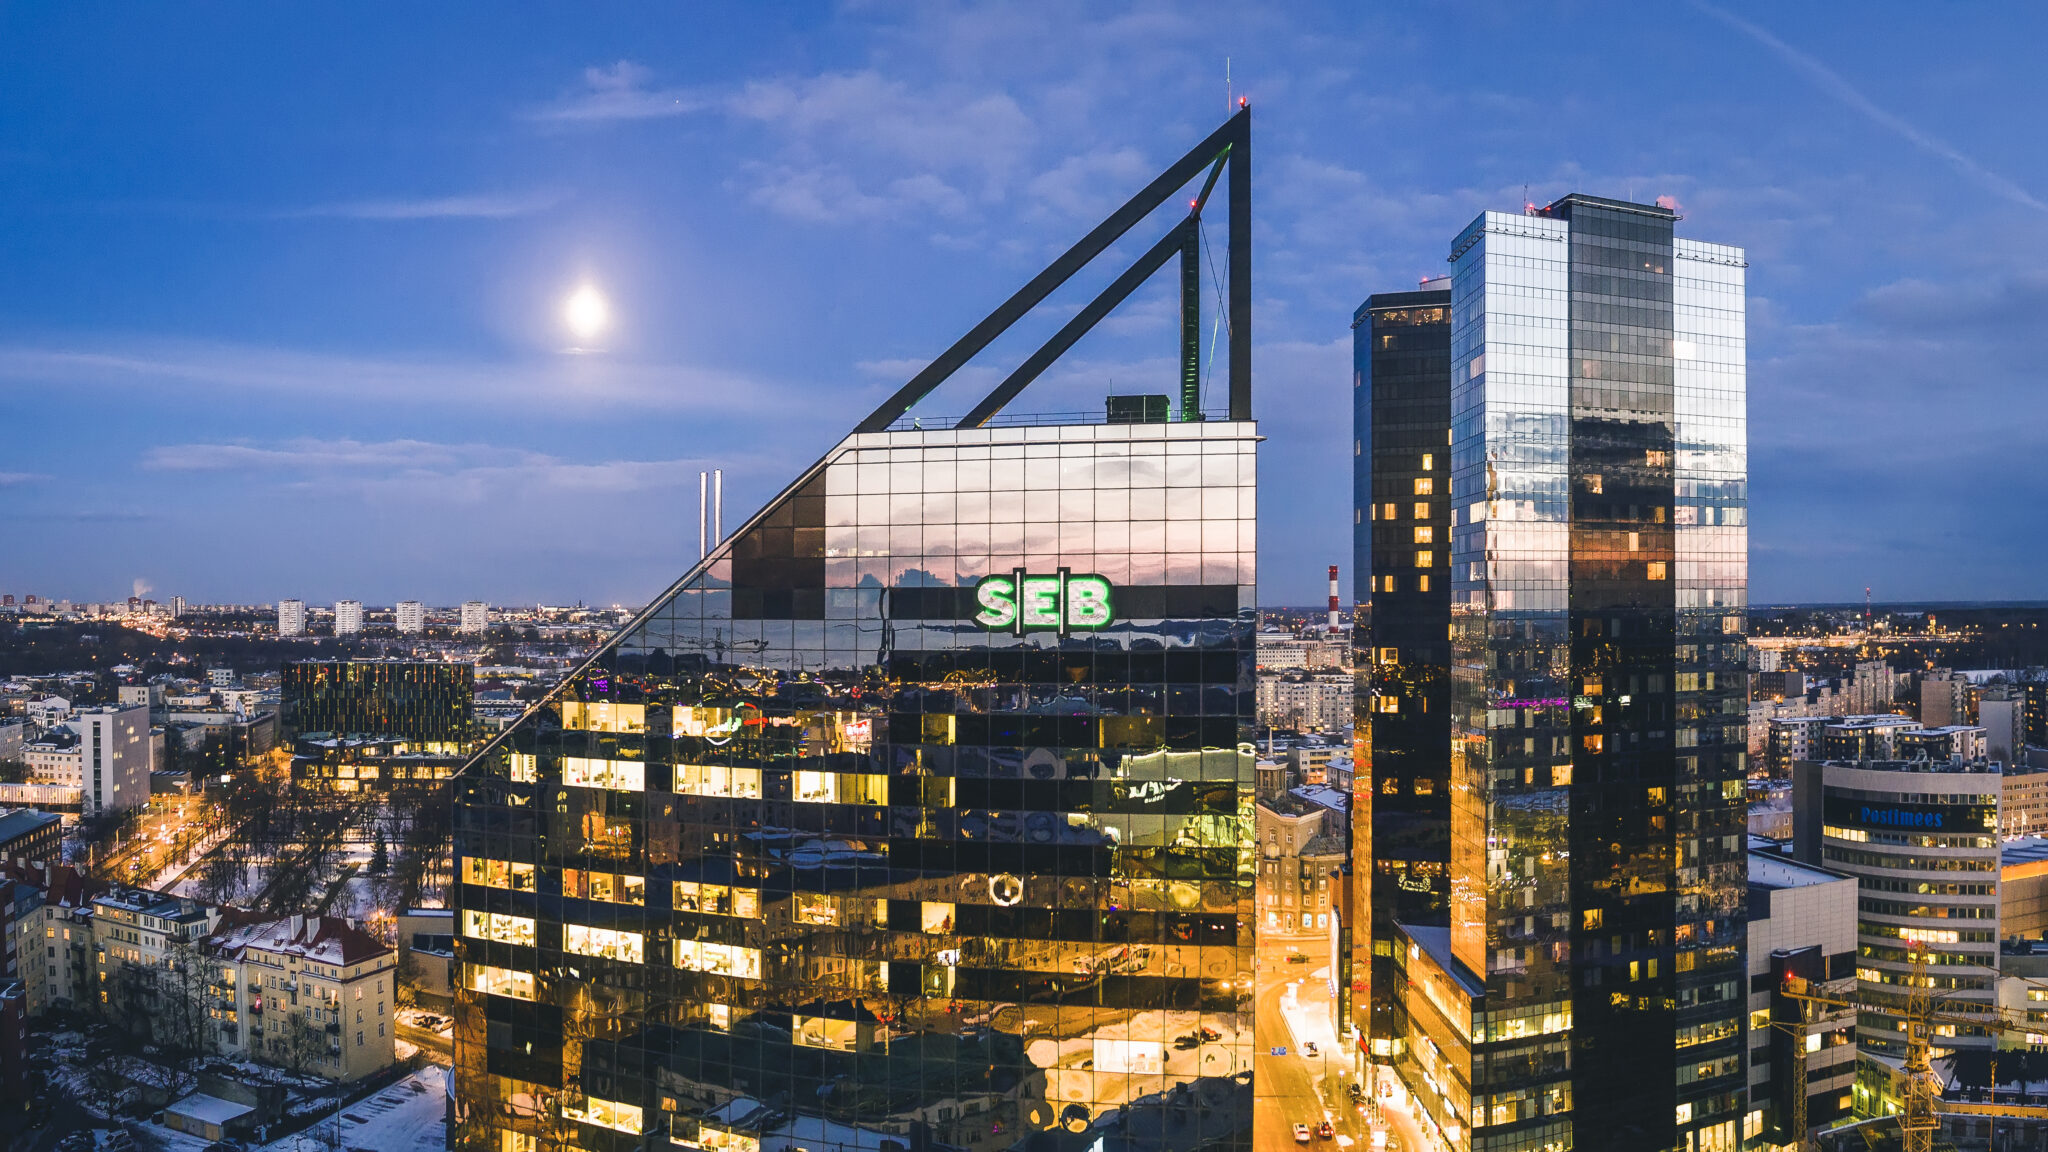 East Capitali uus kinnisvarafond ostis SEB peahoone